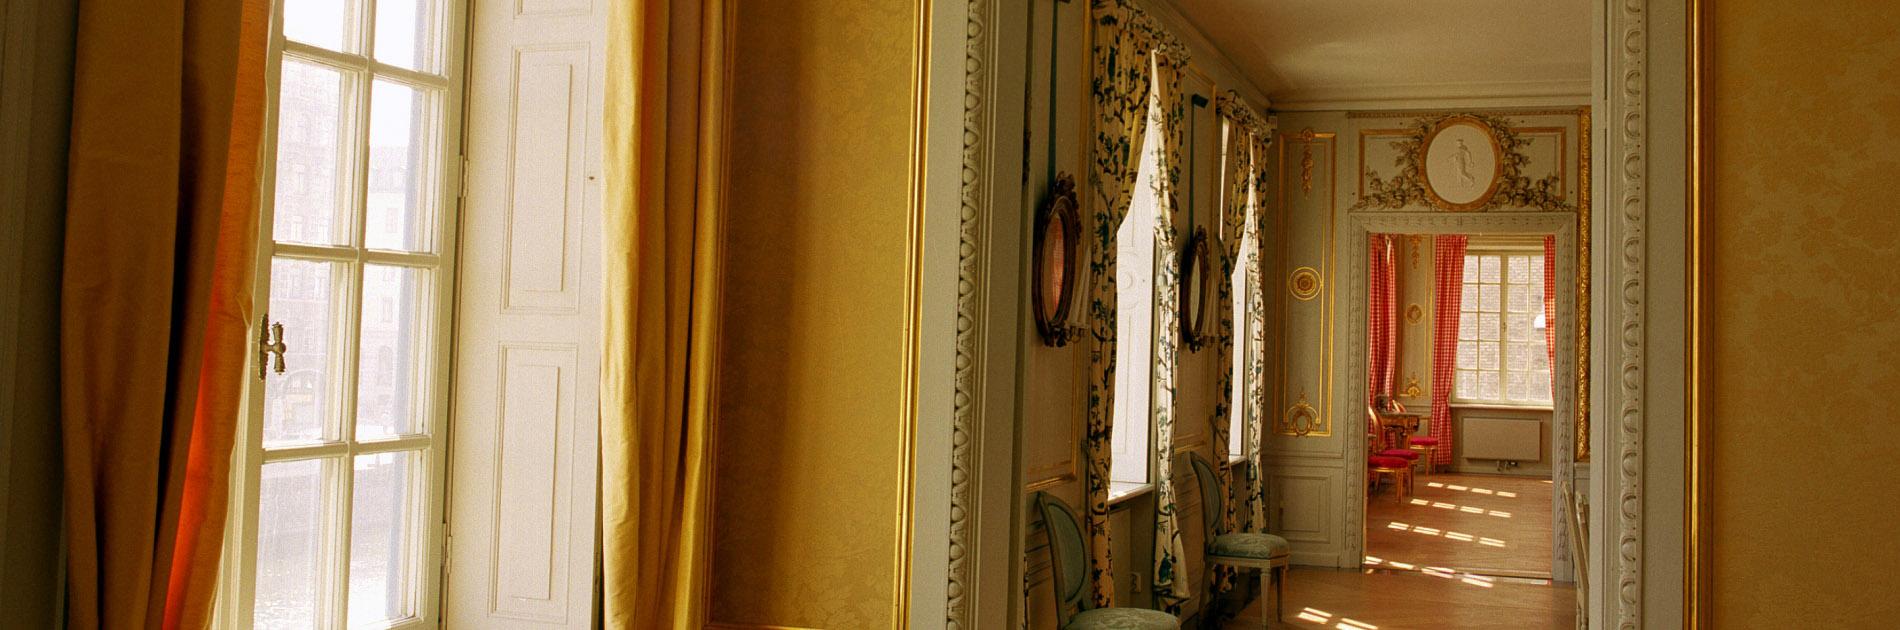 toppbild_sahlgrenska_huset